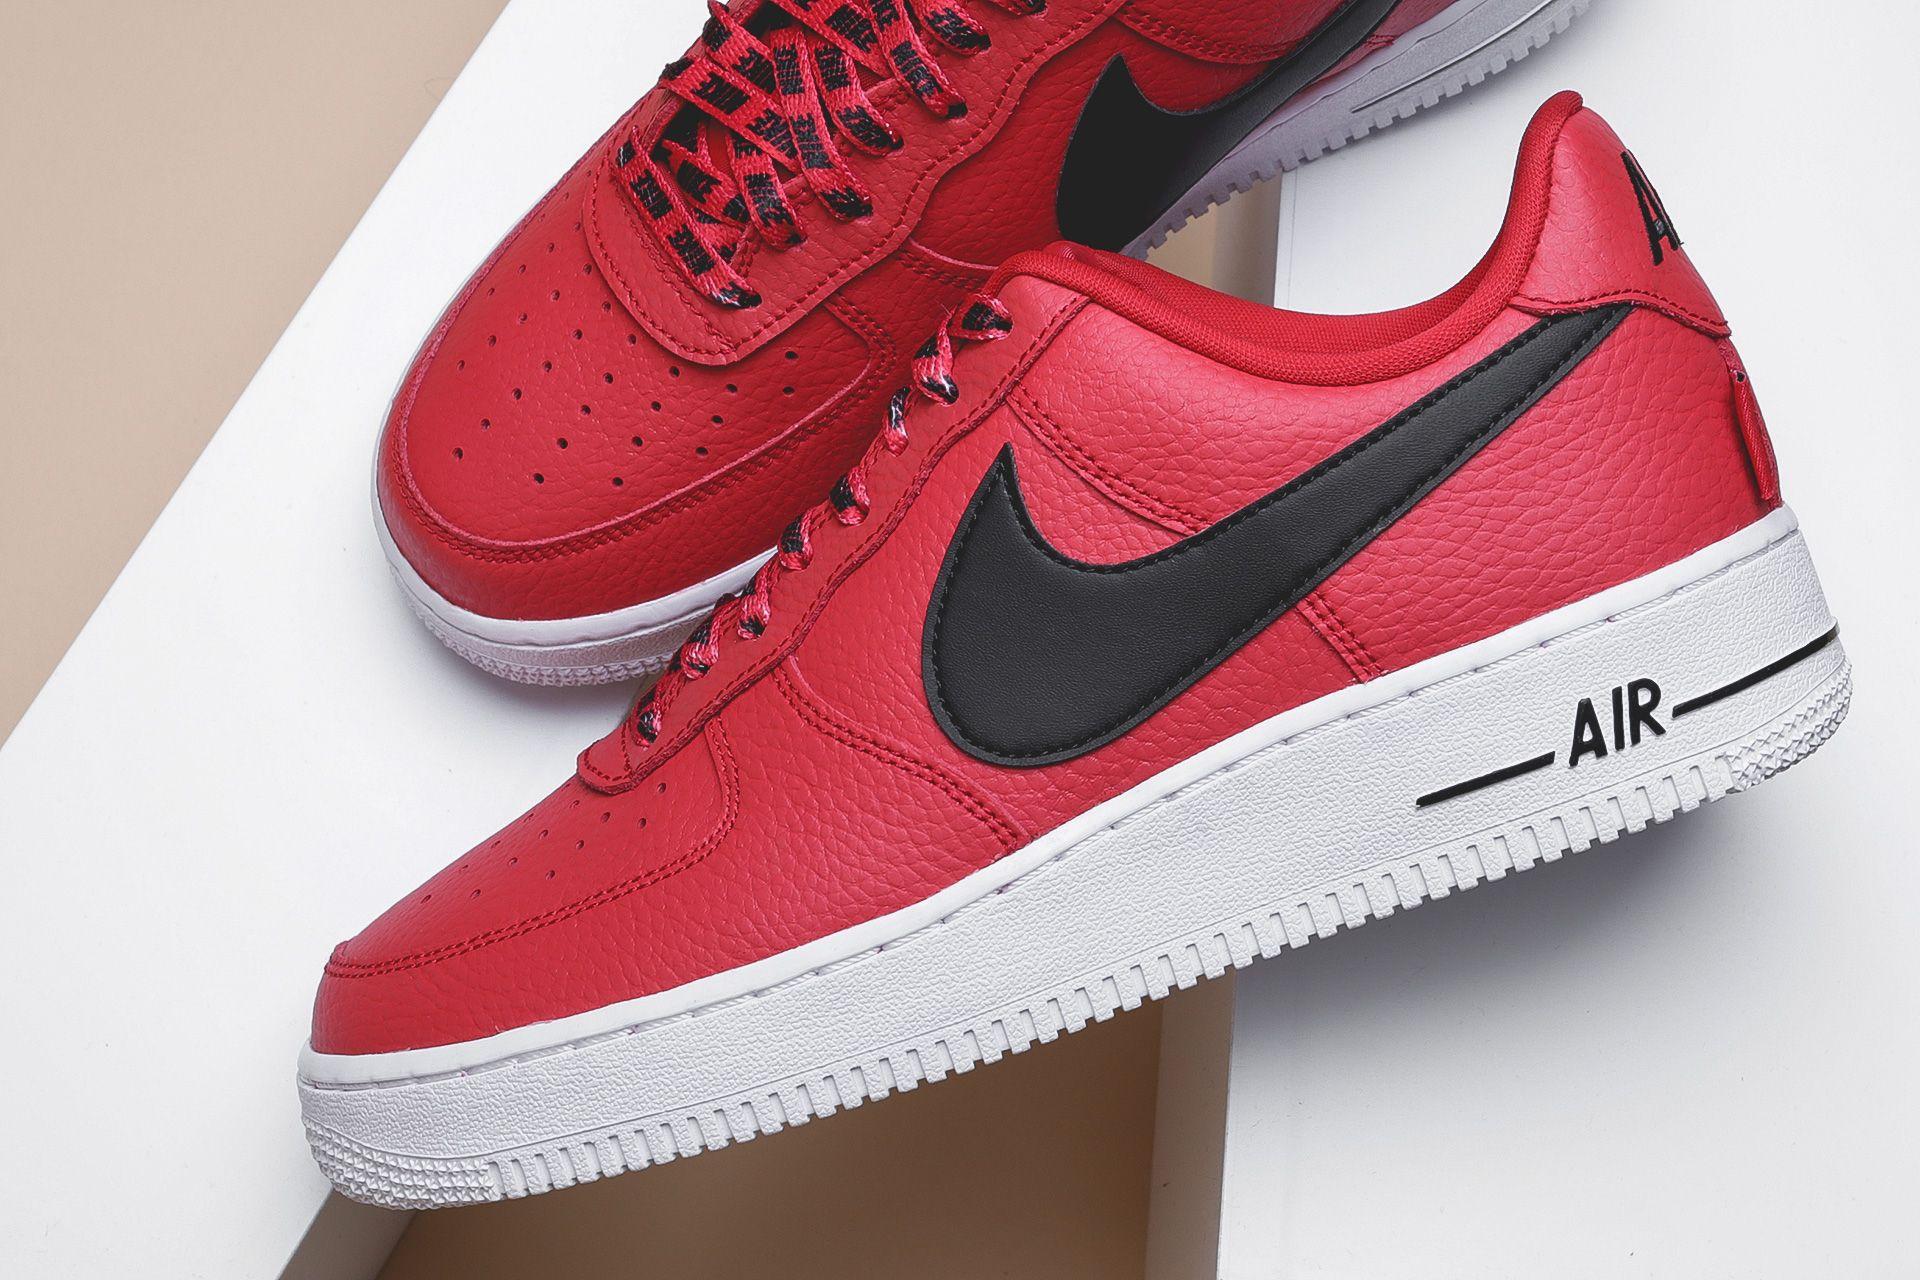 7514c982 ... Купить мужские красные кроссовки Nike Air Force 1 '07 LV8 - фото 4  картинки ...